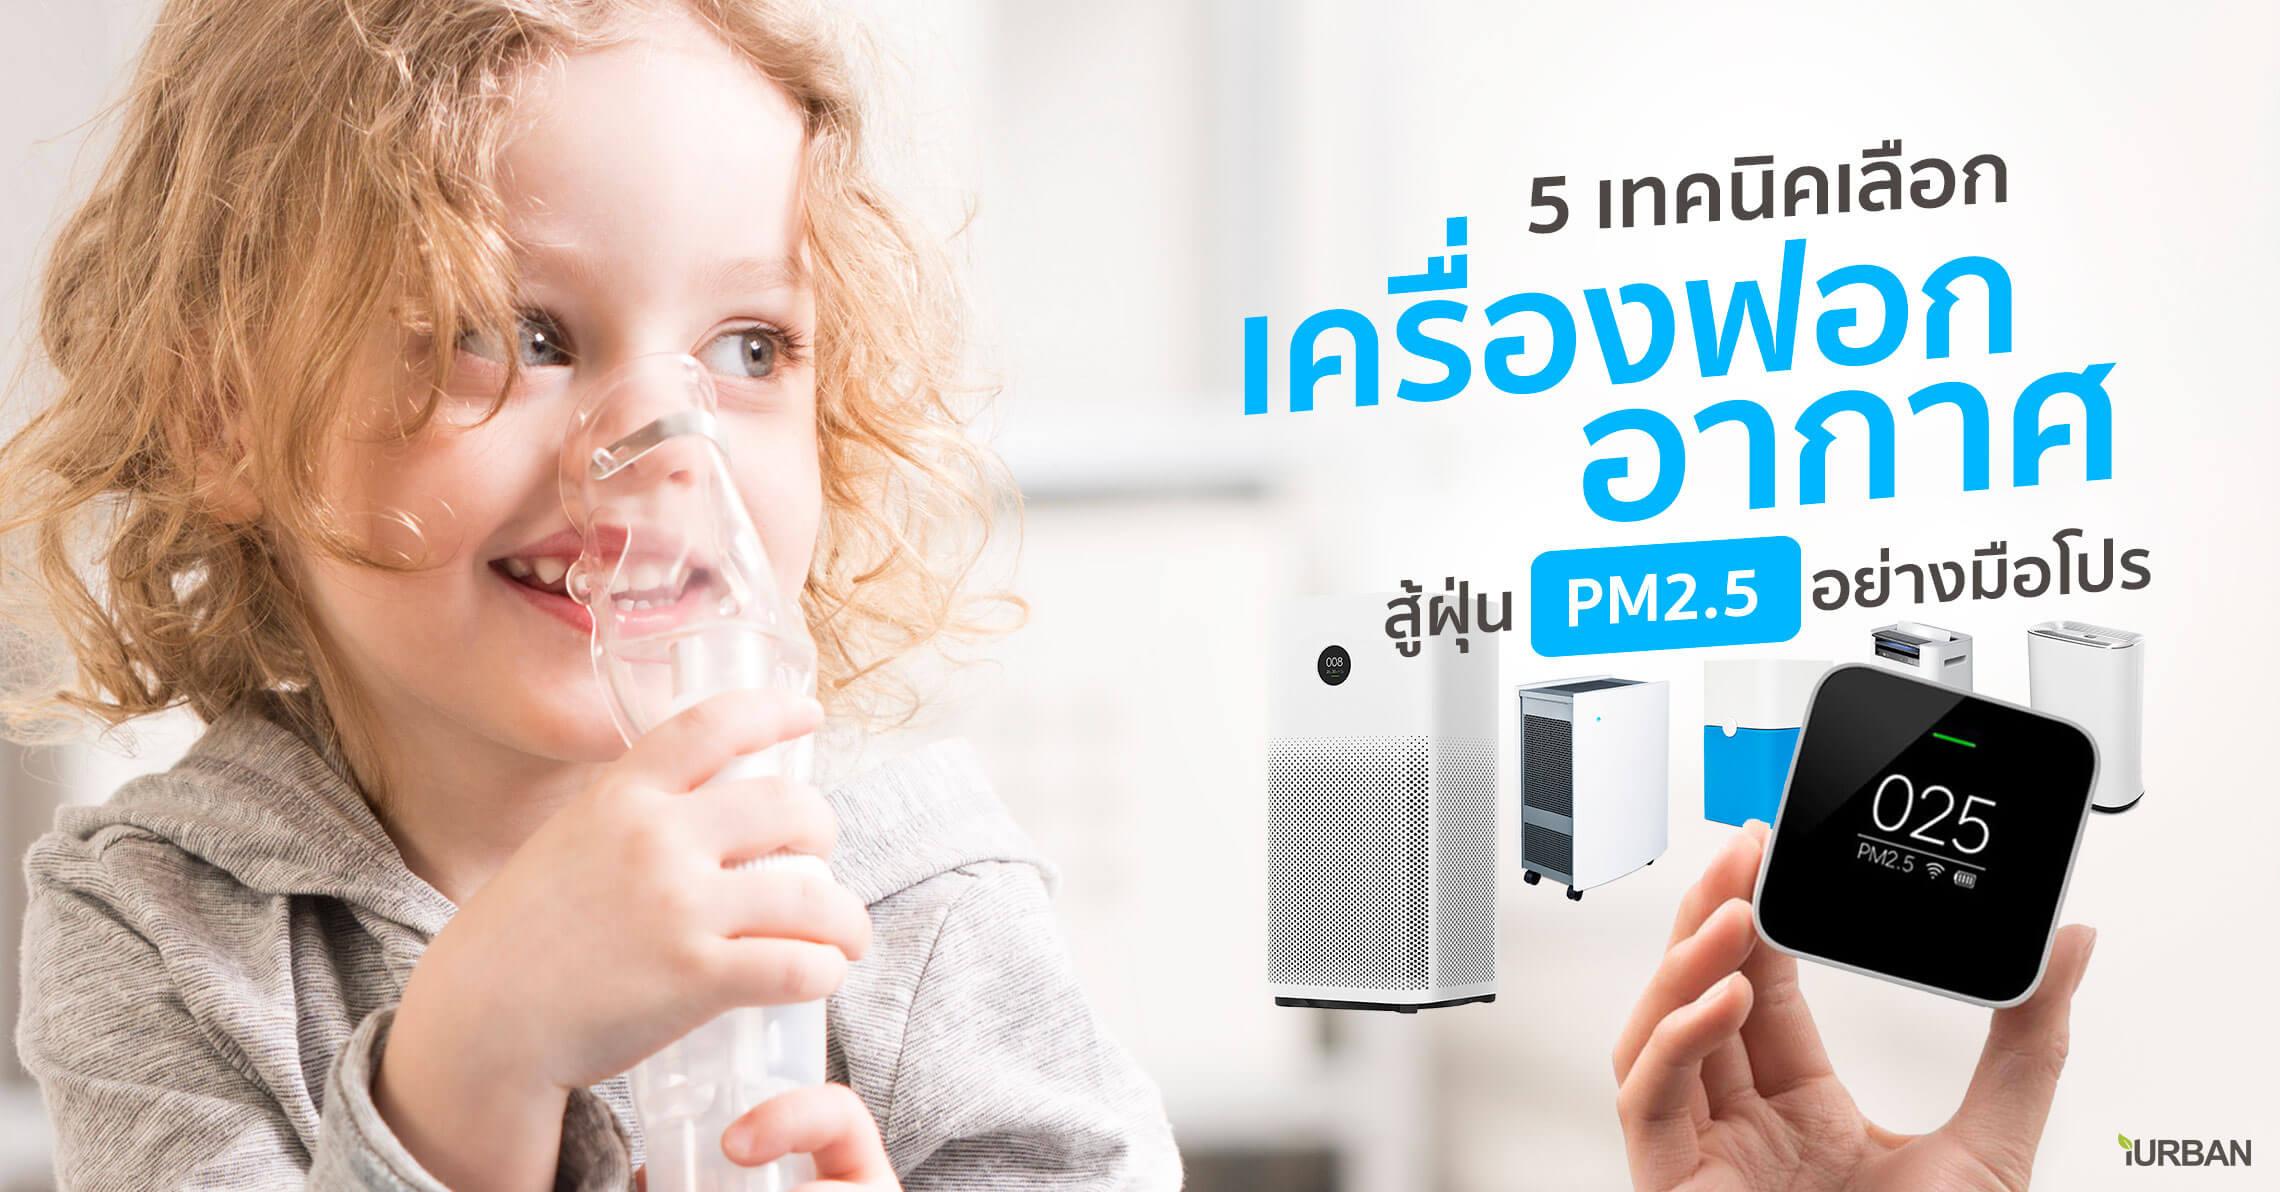 เครื่องฟอกอากาศ PM2.5 มี 5 เรื่องต้องดูเพื่อเลือกซื้ออย่างมือโปร 2019 2 - INSPIRATION